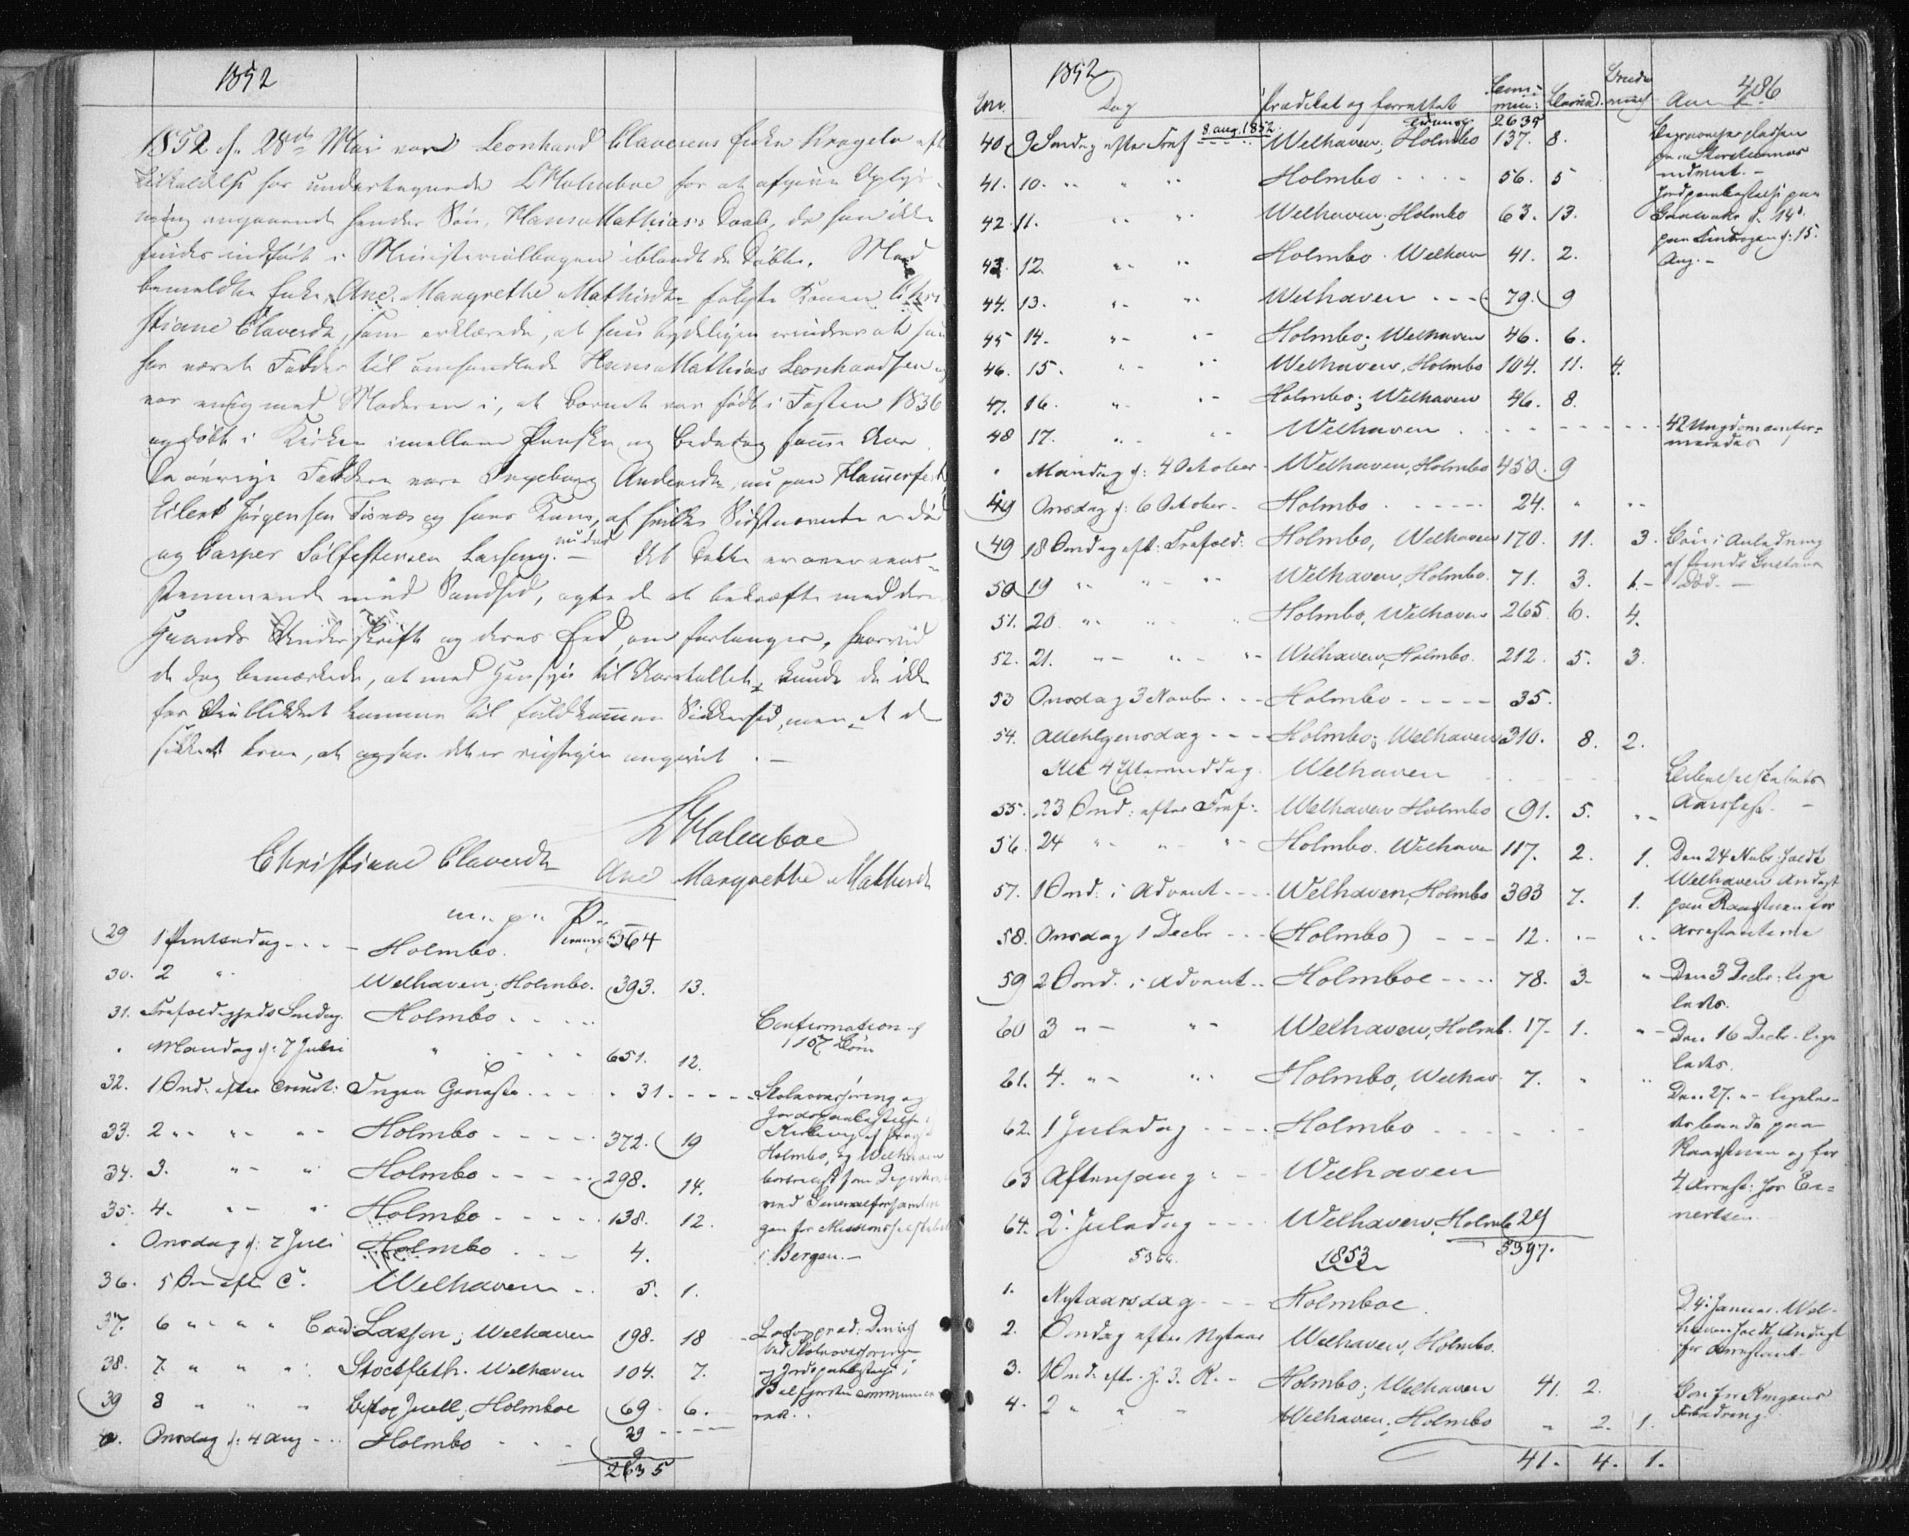 SATØ, Tromsø sokneprestkontor/stiftsprosti/domprosti, G/Ga/L0010kirke: Ministerialbok nr. 10, 1848-1855, s. 486